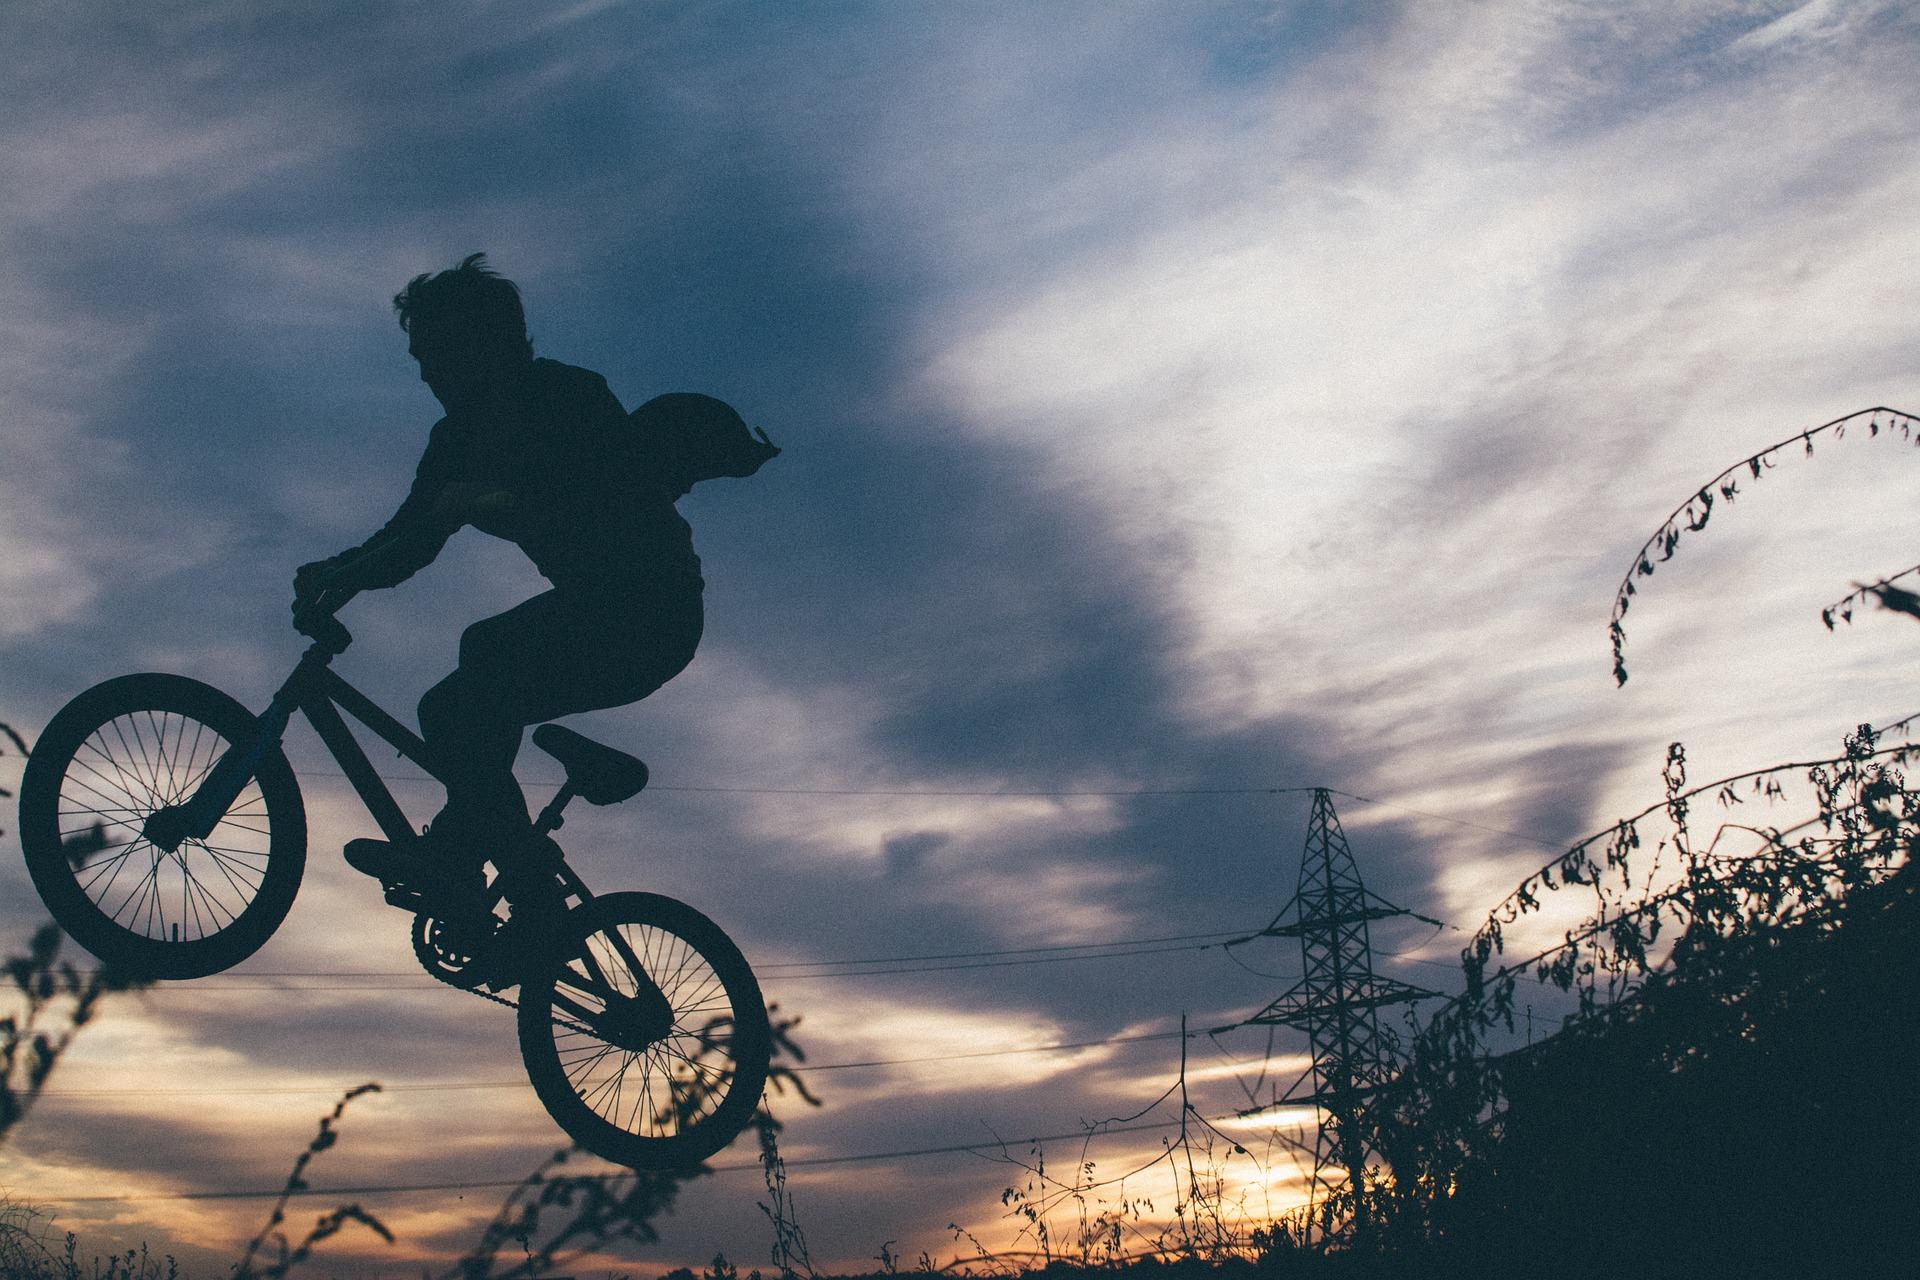 Decathlon - Cinque prodotti per ritrovare la forma perduta da acquistare su Decathlon.it